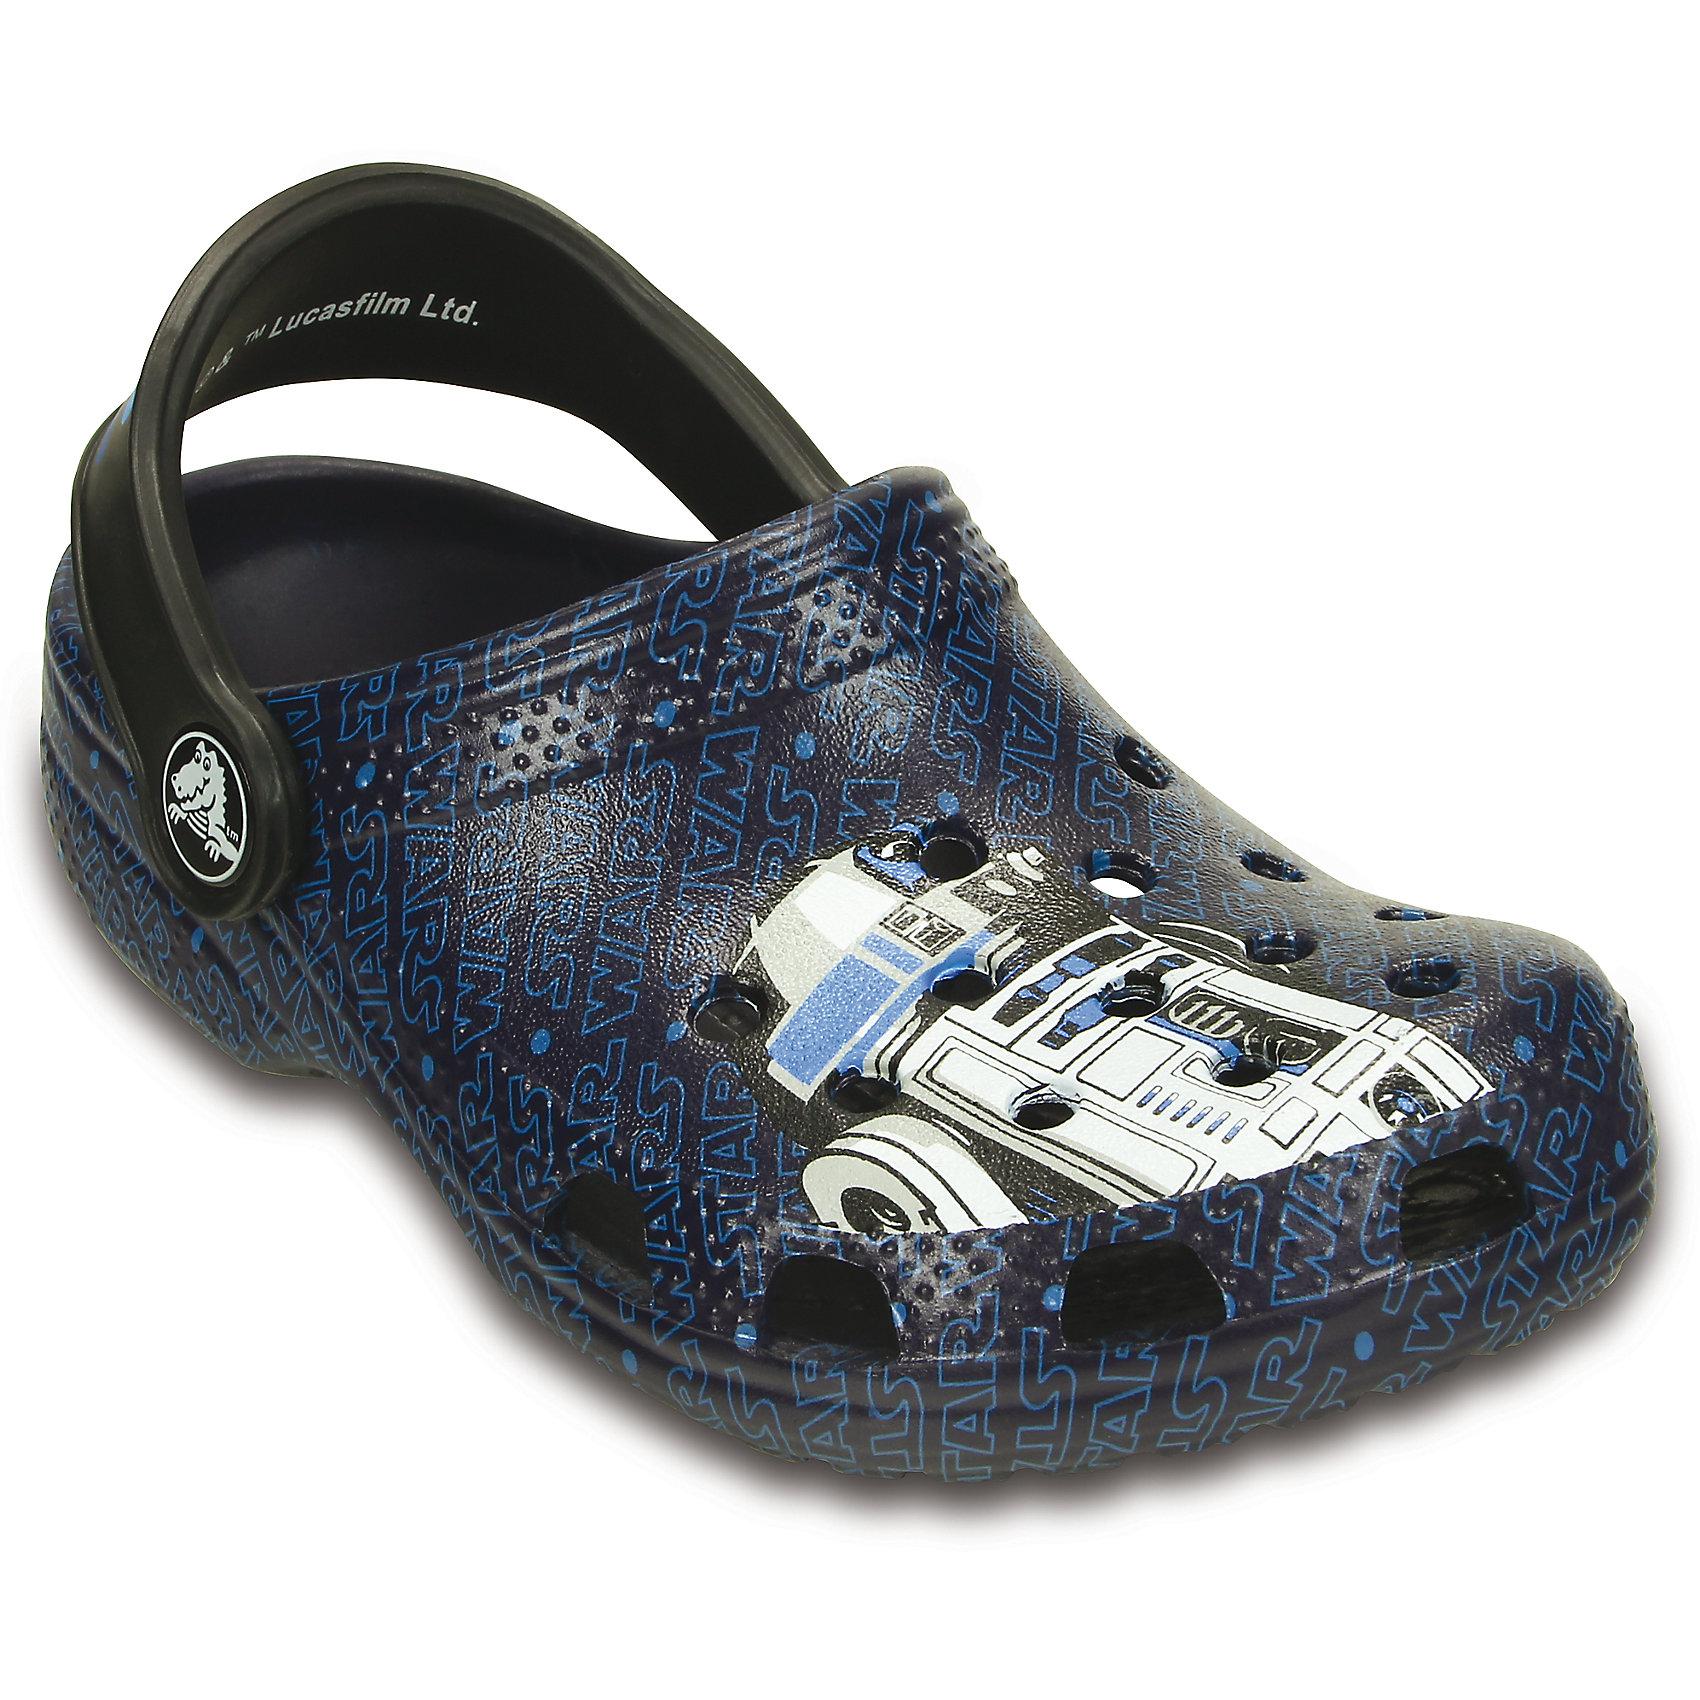 Сабо Classic Star Wars R2D2 C3PO CrocsПляжная обувь<br>Характеристики товара:<br><br>• цвет: разноцветный<br>• материал: 100% полимер Croslite™<br>• литая модель<br>• вентиляционные отверстия<br>• бактериостатичный материал<br>• пяточный ремешок фиксирует стопу<br>• толстая устойчивая подошва<br>• с принтом<br>• анатомическая стелька с массажными точками стимулирует кровообращение<br>• страна бренда: США<br>• страна изготовитель: Китай<br><br>Для правильного развития ребенка крайне важно, чтобы обувь была удобной. Такие сабо обеспечивают детям необходимый комфорт, а анатомическая стелька с массажными линиями для стимуляции кровообращения позволяет ножкам дольше не уставать. Сабо легко надеваются и снимаются, отлично сидят на ноге. Материал, из которого они сделаны, не дает размножаться бактериям, поэтому такая обувь препятствует образованию неприятного запаха и появлению болезней стоп. <br>Обувь от американского бренда Crocs в данный момент завоевала широкую популярность во всем мире, и это не удивительно - ведь она невероятно удобна. Её носят врачи, спортсмены, звёзды шоу-бизнеса, люди, которым много времени приходится бывать на ногах - они понимают, как важна комфортная обувь. Продукция Crocs - это качественные товары, созданные с применением новейших технологий. Обувь отличается стильным дизайном и продуманной конструкцией. Изделие производится из качественных и проверенных материалов, которые безопасны для детей.<br><br>Сабо от торговой марки Crocs можно купить в нашем интернет-магазине.<br><br>Ширина мм: 225<br>Глубина мм: 139<br>Высота мм: 112<br>Вес г: 290<br>Цвет: синий<br>Возраст от месяцев: 60<br>Возраст до месяцев: 72<br>Пол: Мужской<br>Возраст: Детский<br>Размер: 29/30,34/35,27/28,21/22,23/24,25/26,31/32,33/34<br>SKU: 4828066